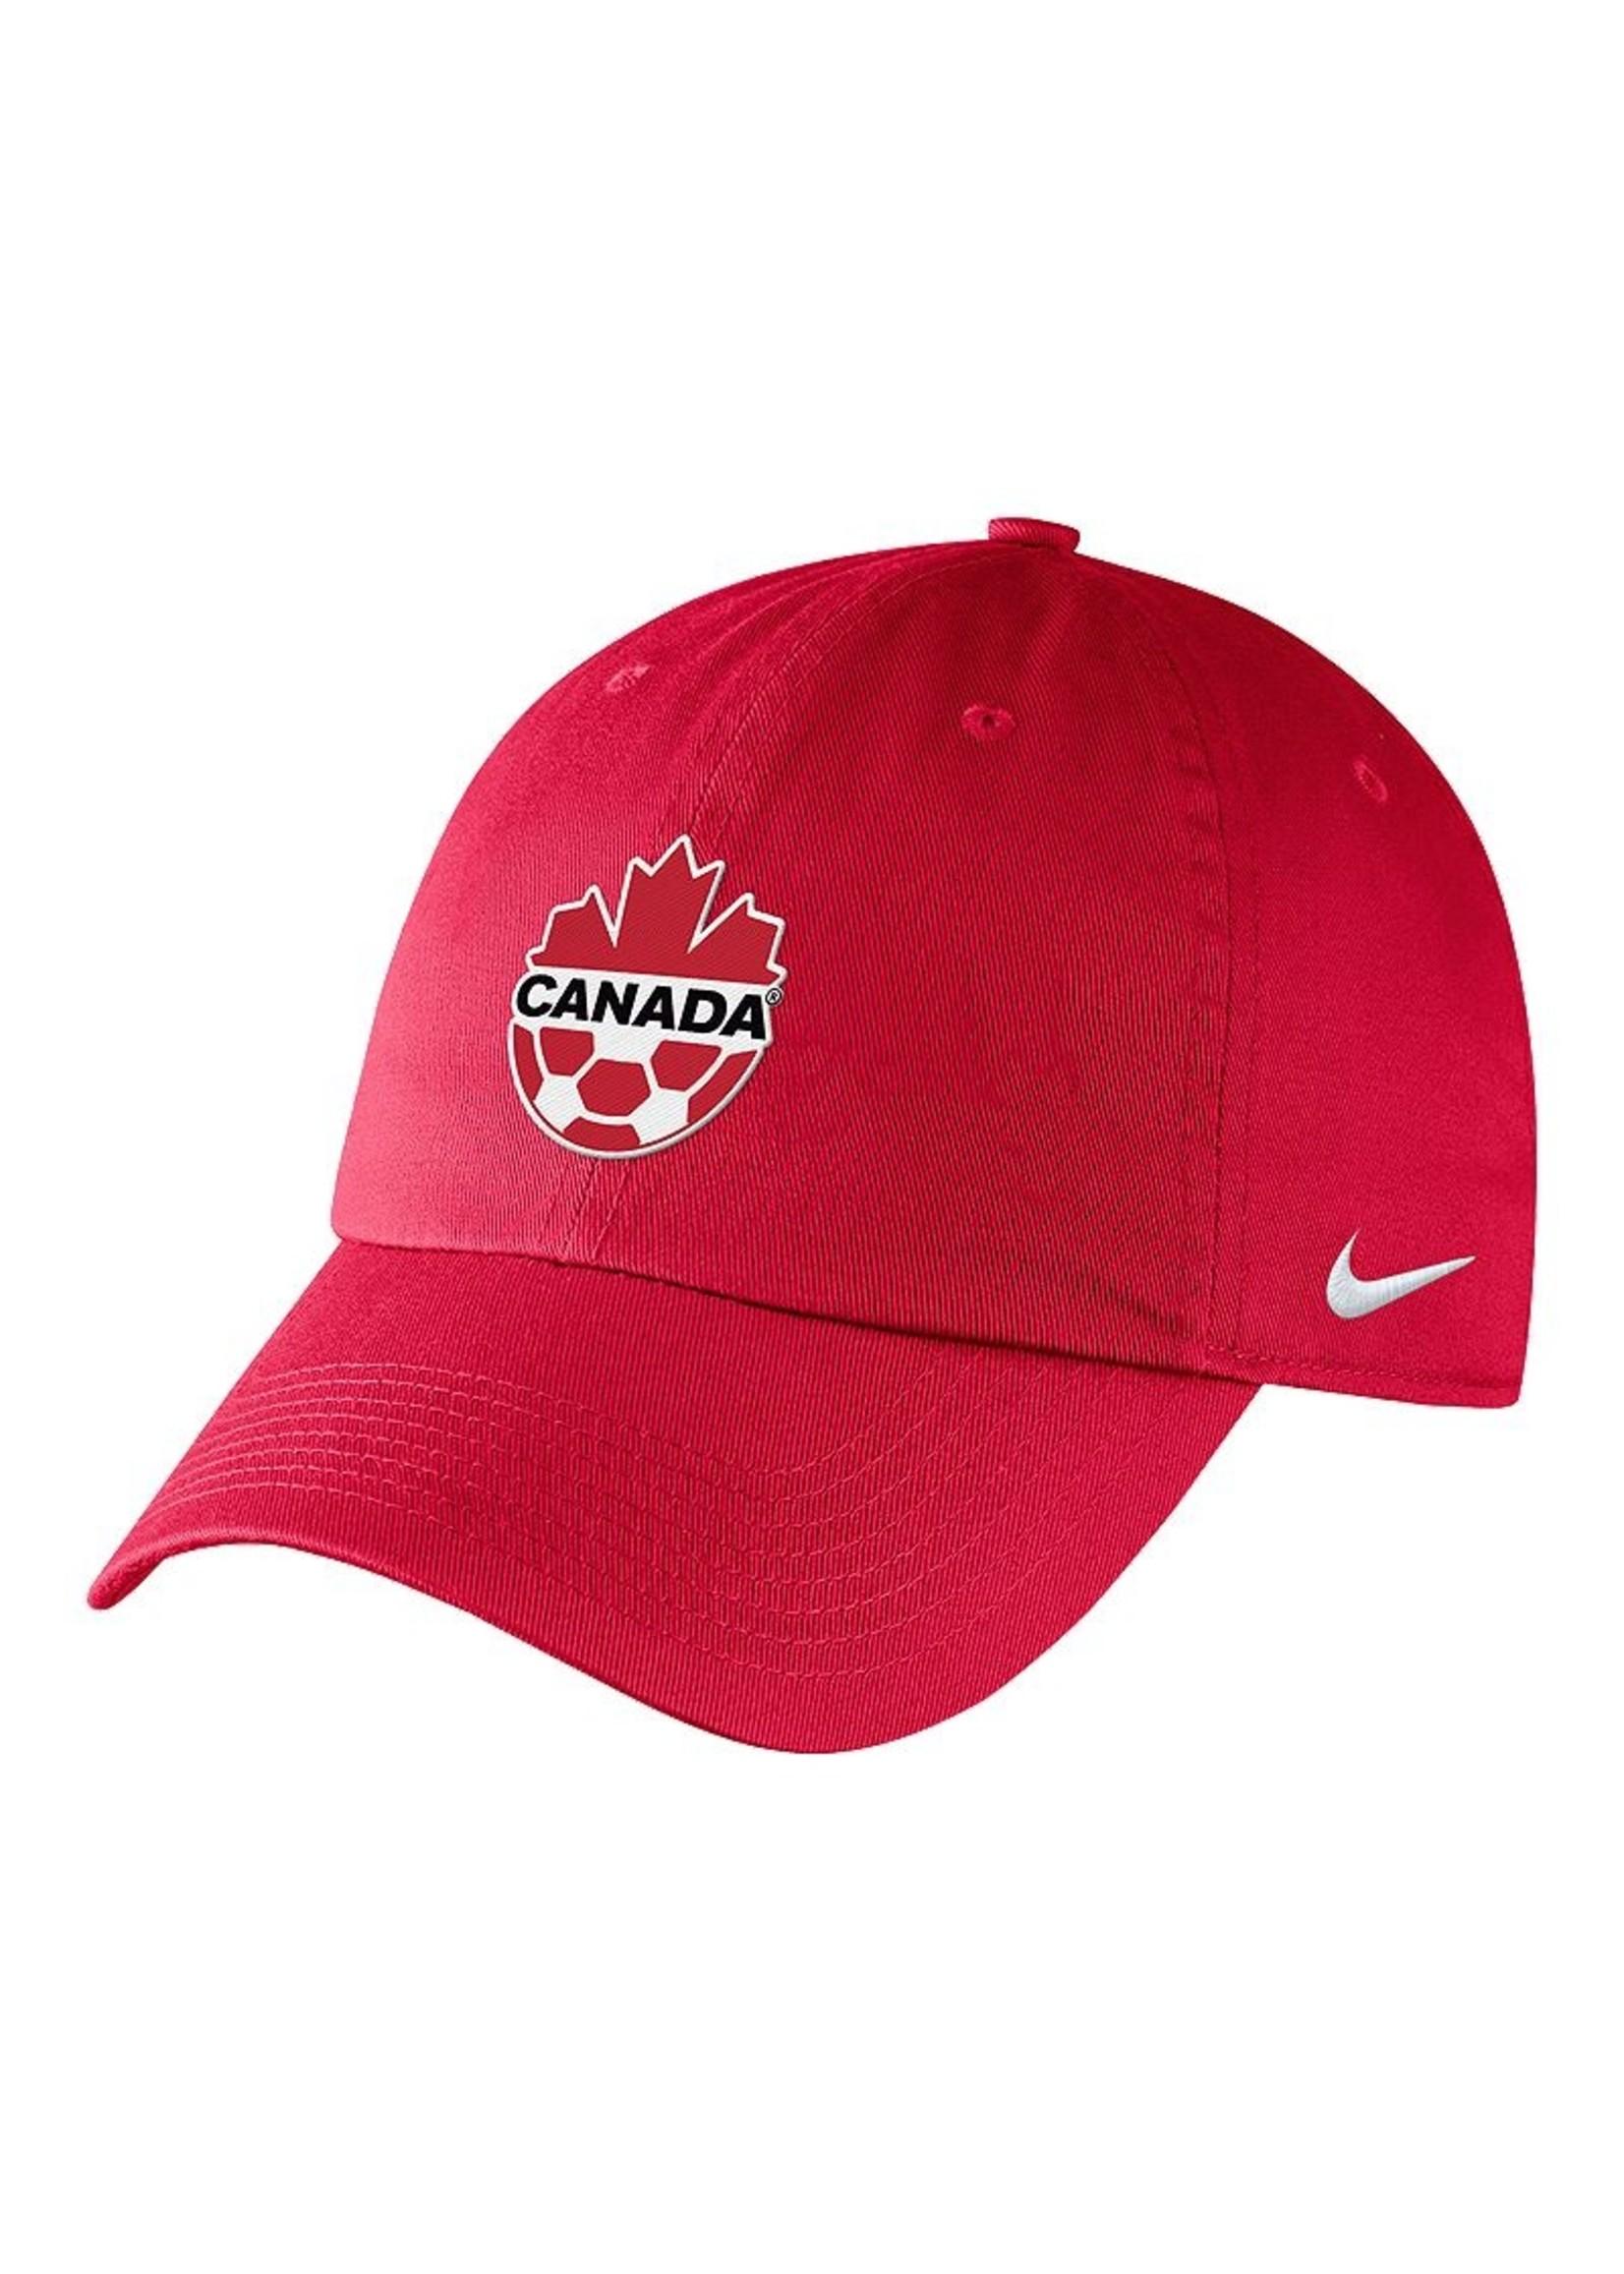 Nike Canada Cap - Red